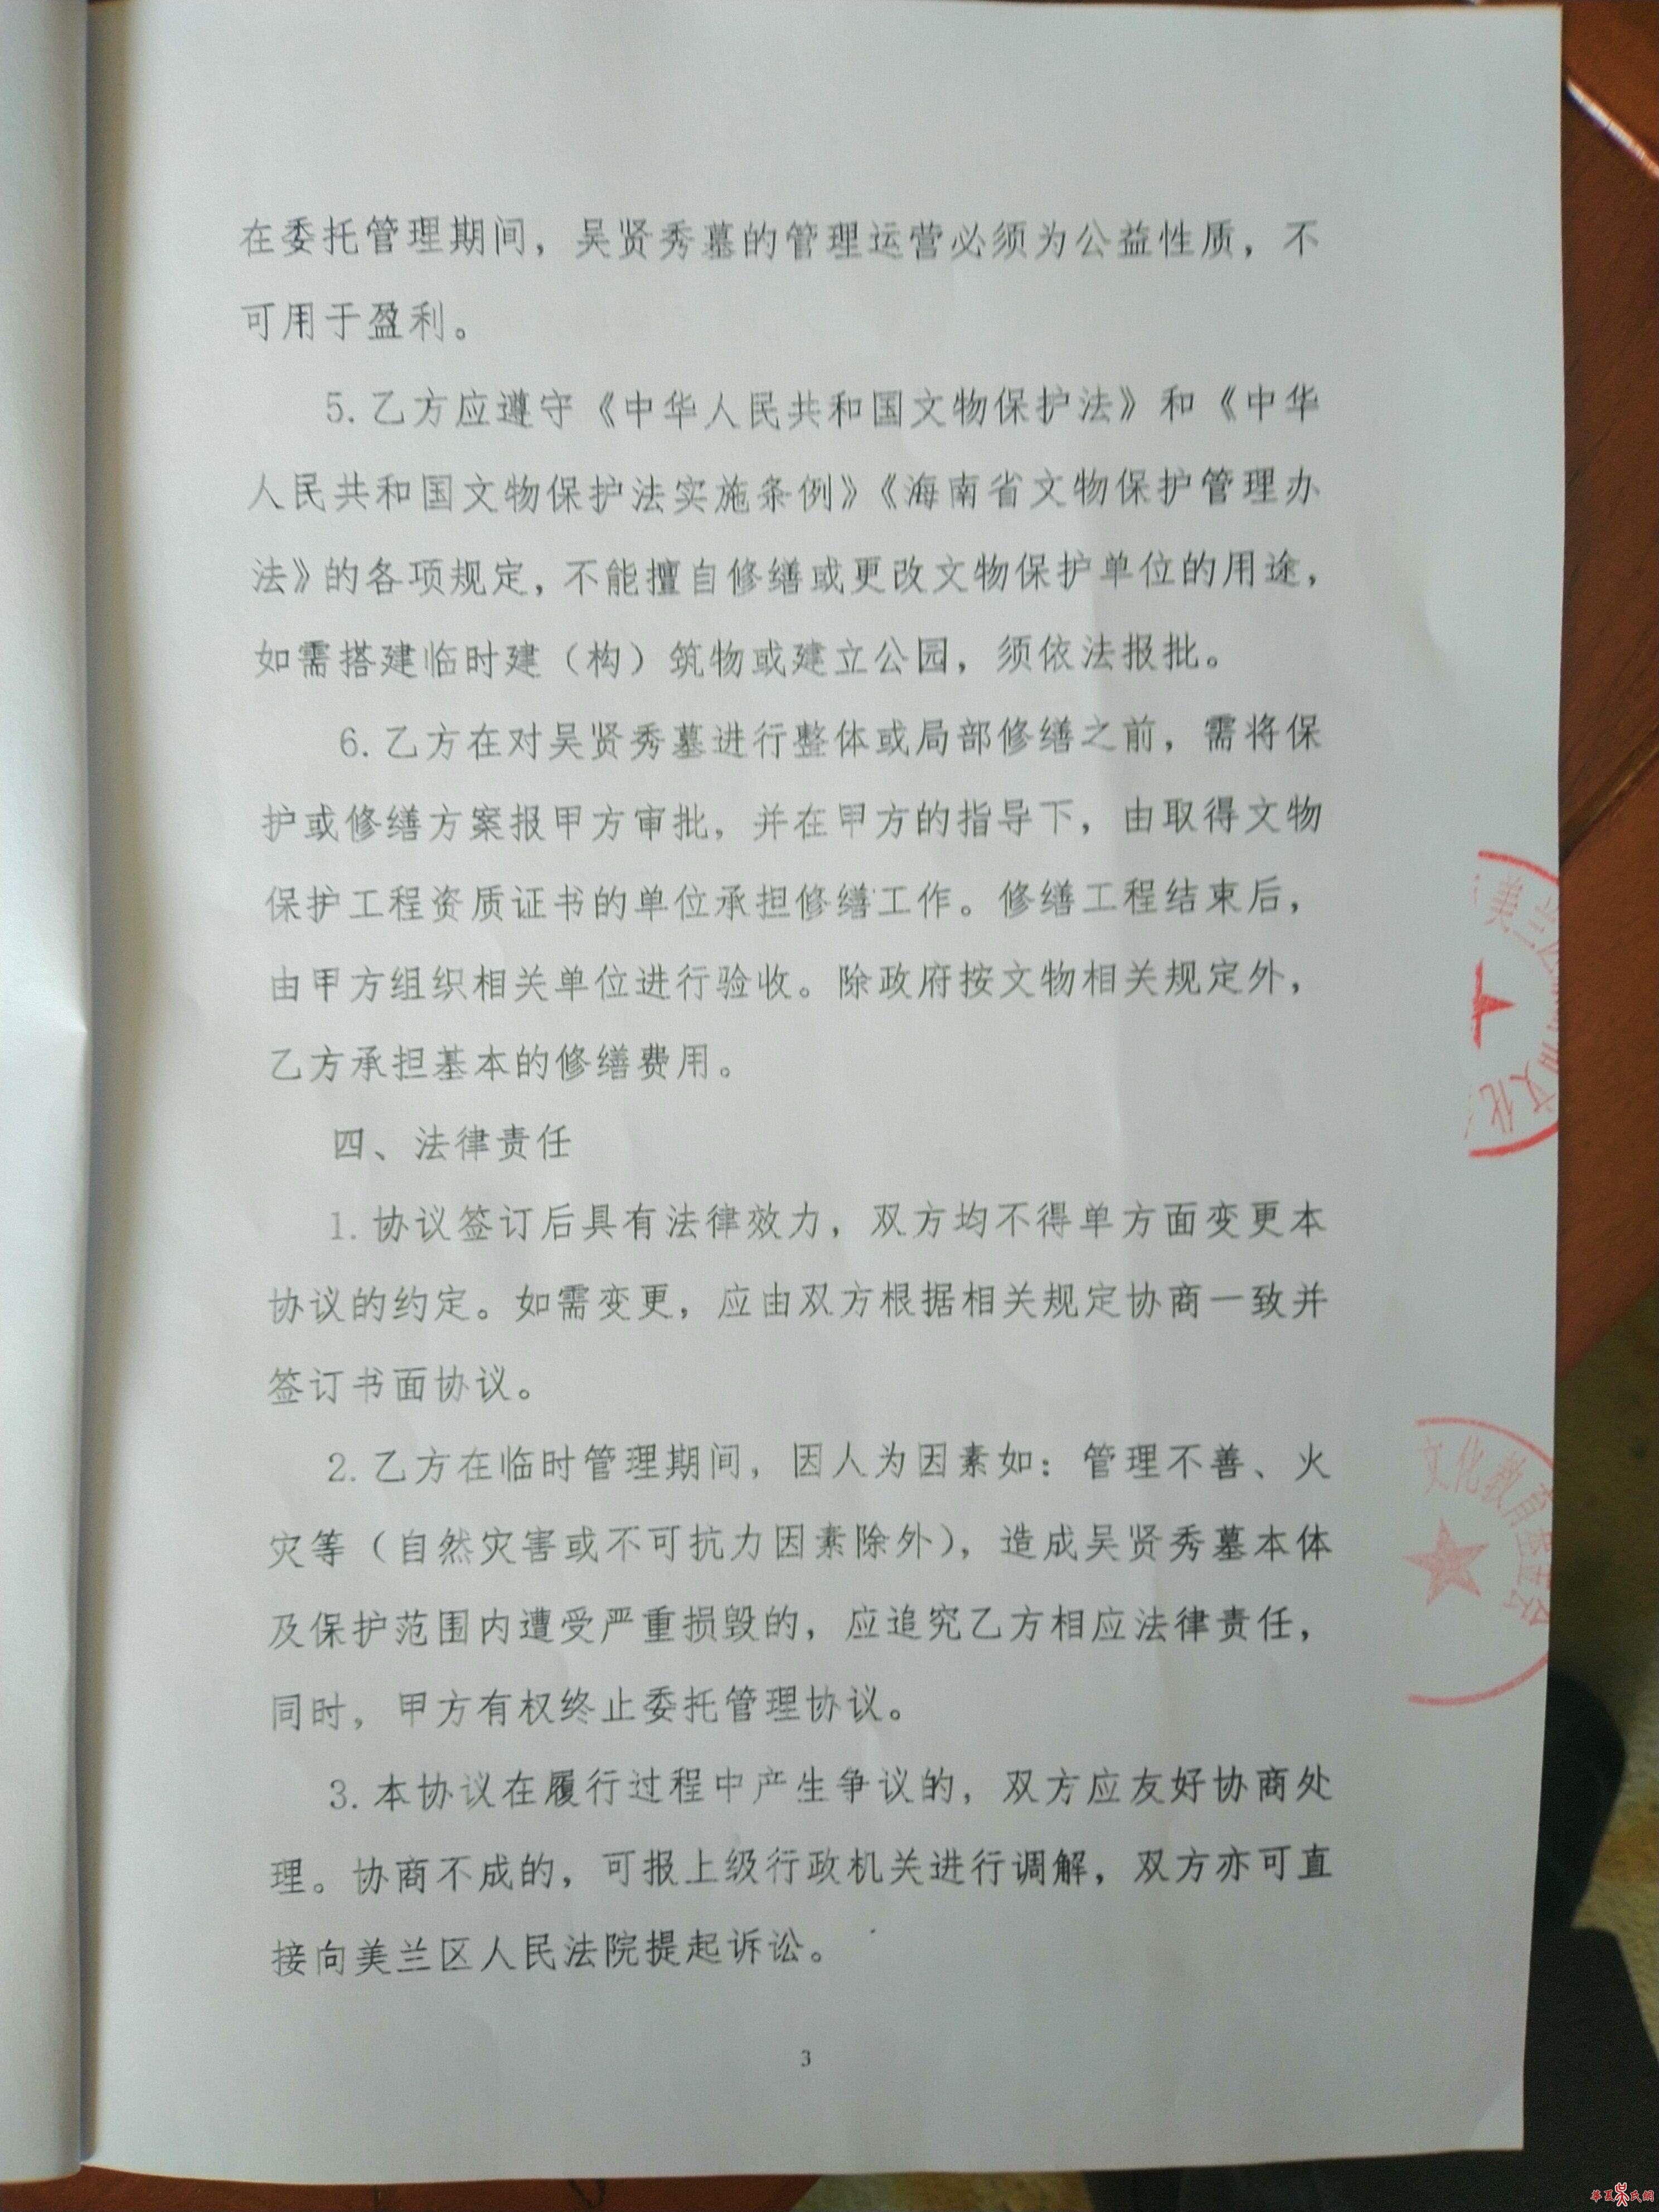 吴贤秀墓委托管理协议书